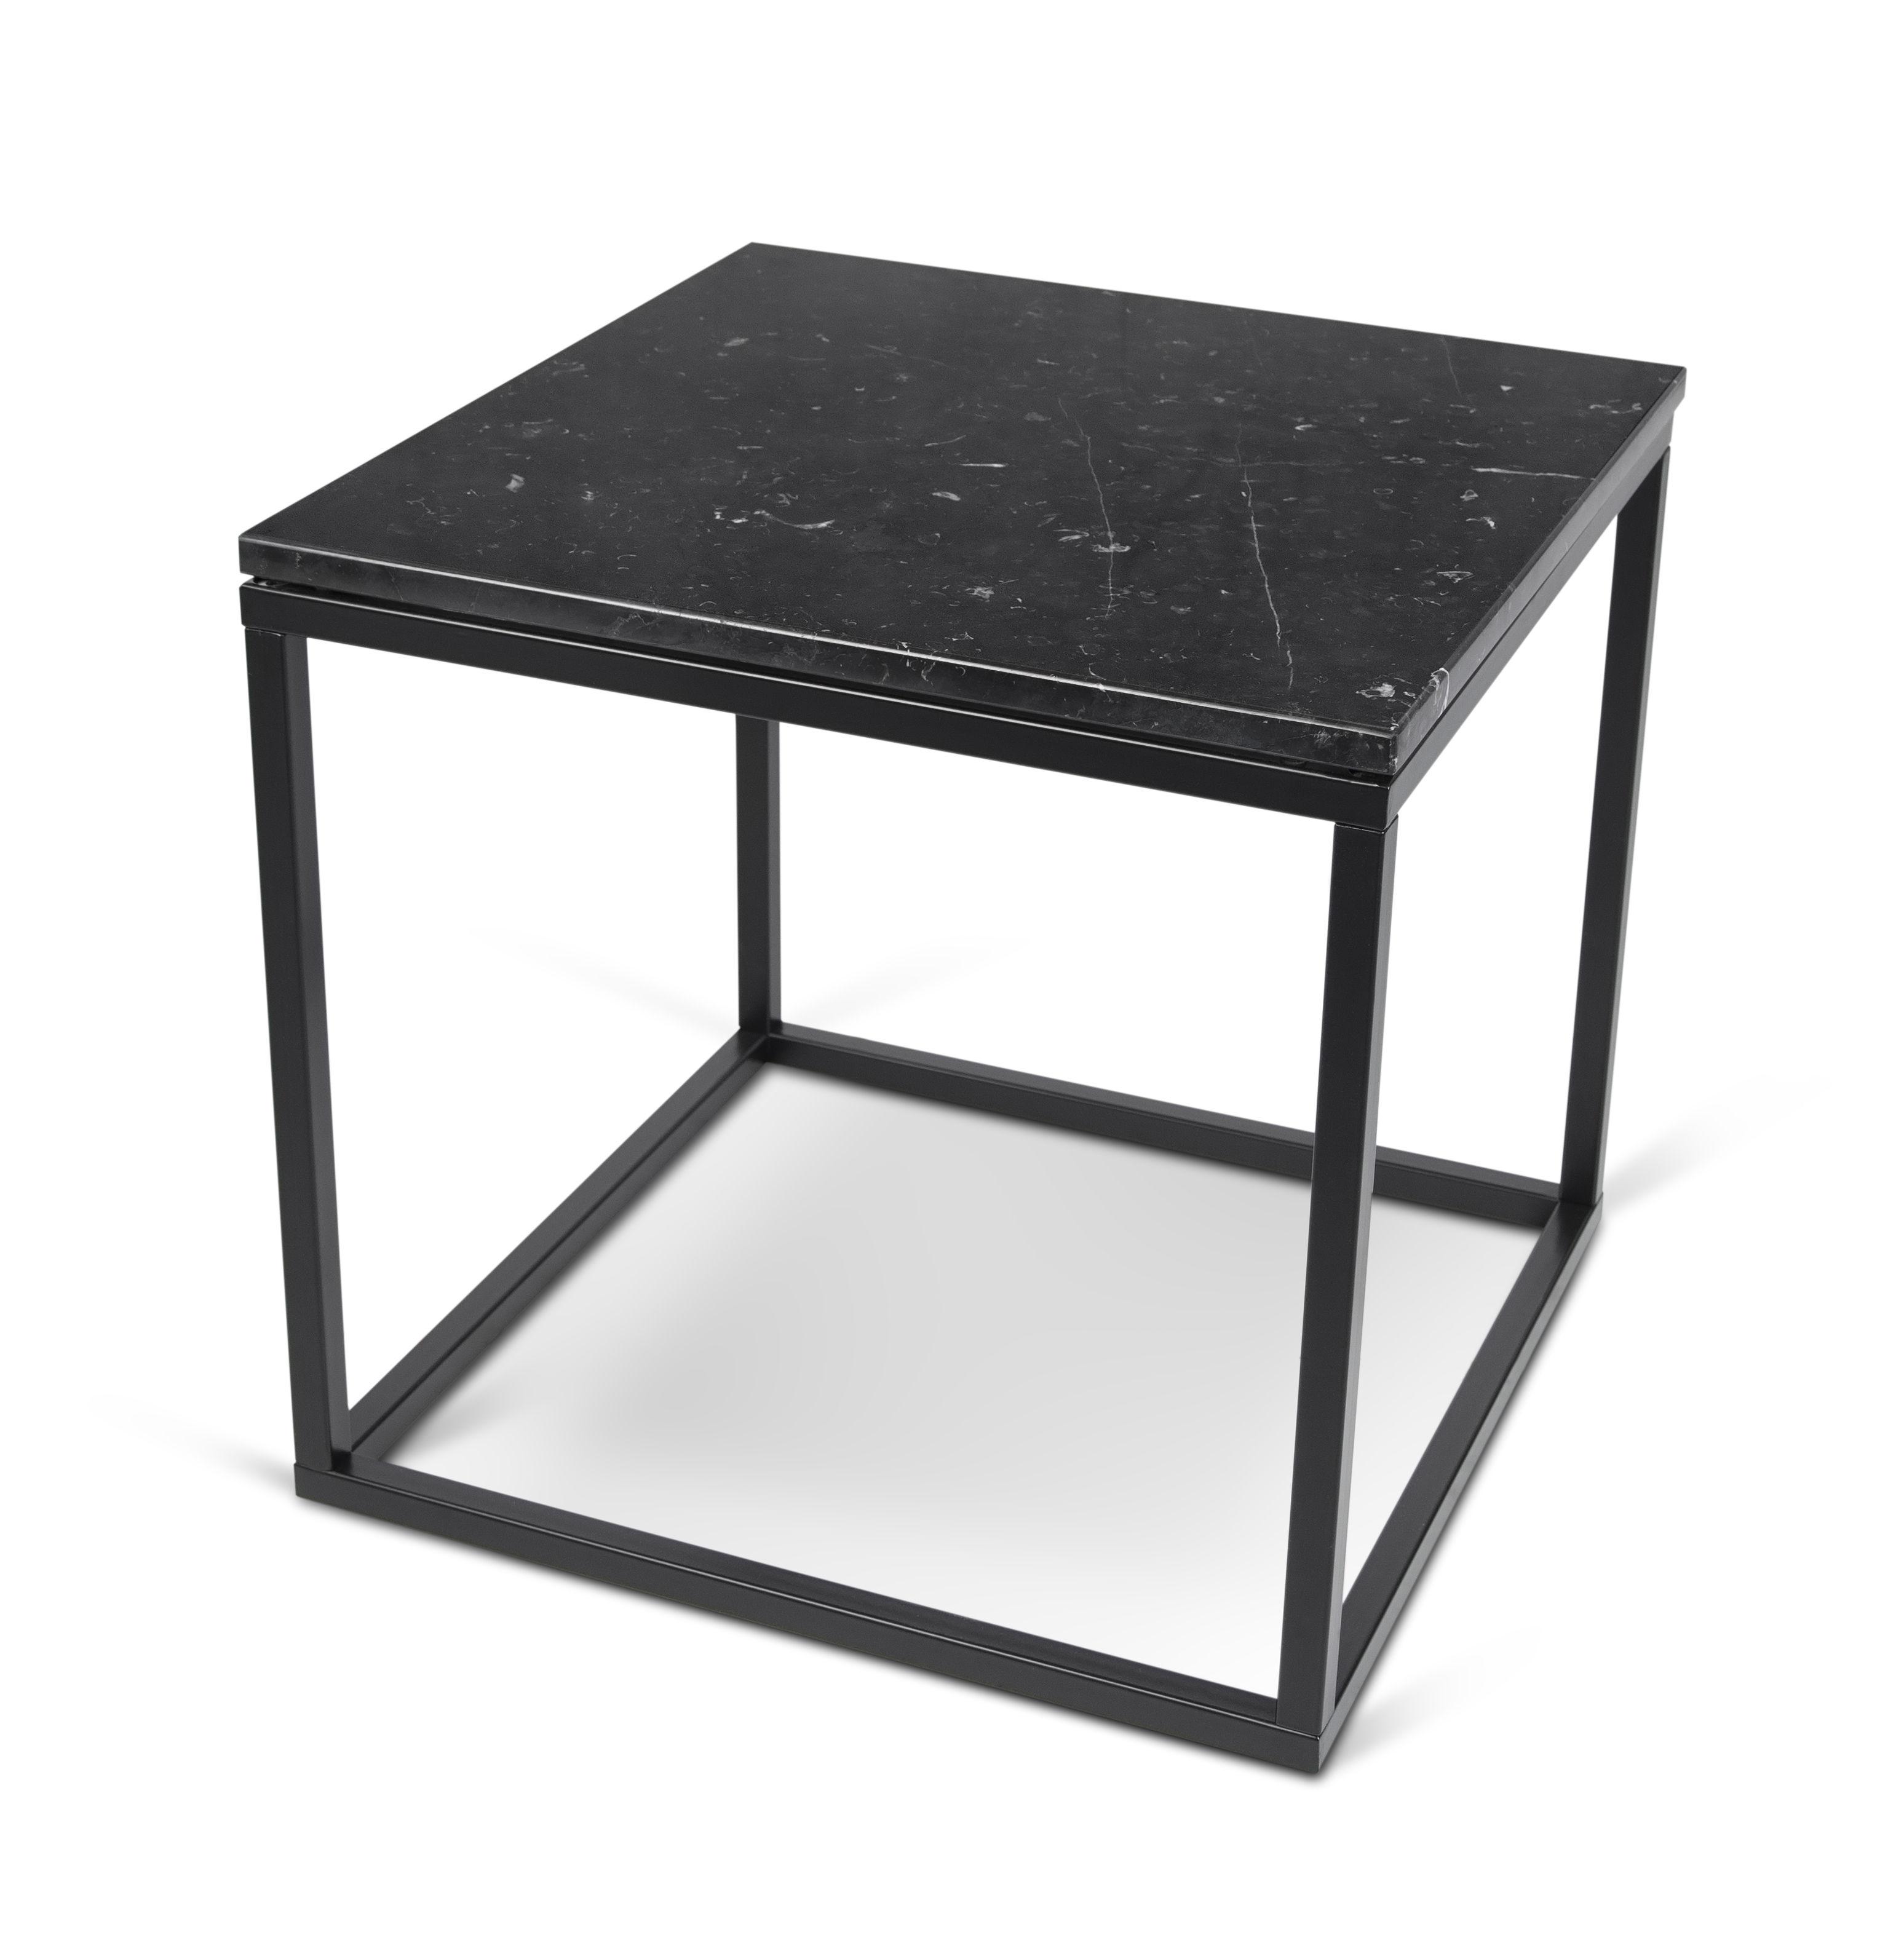 couchtisch marble von pop up home schwarz made in design. Black Bedroom Furniture Sets. Home Design Ideas